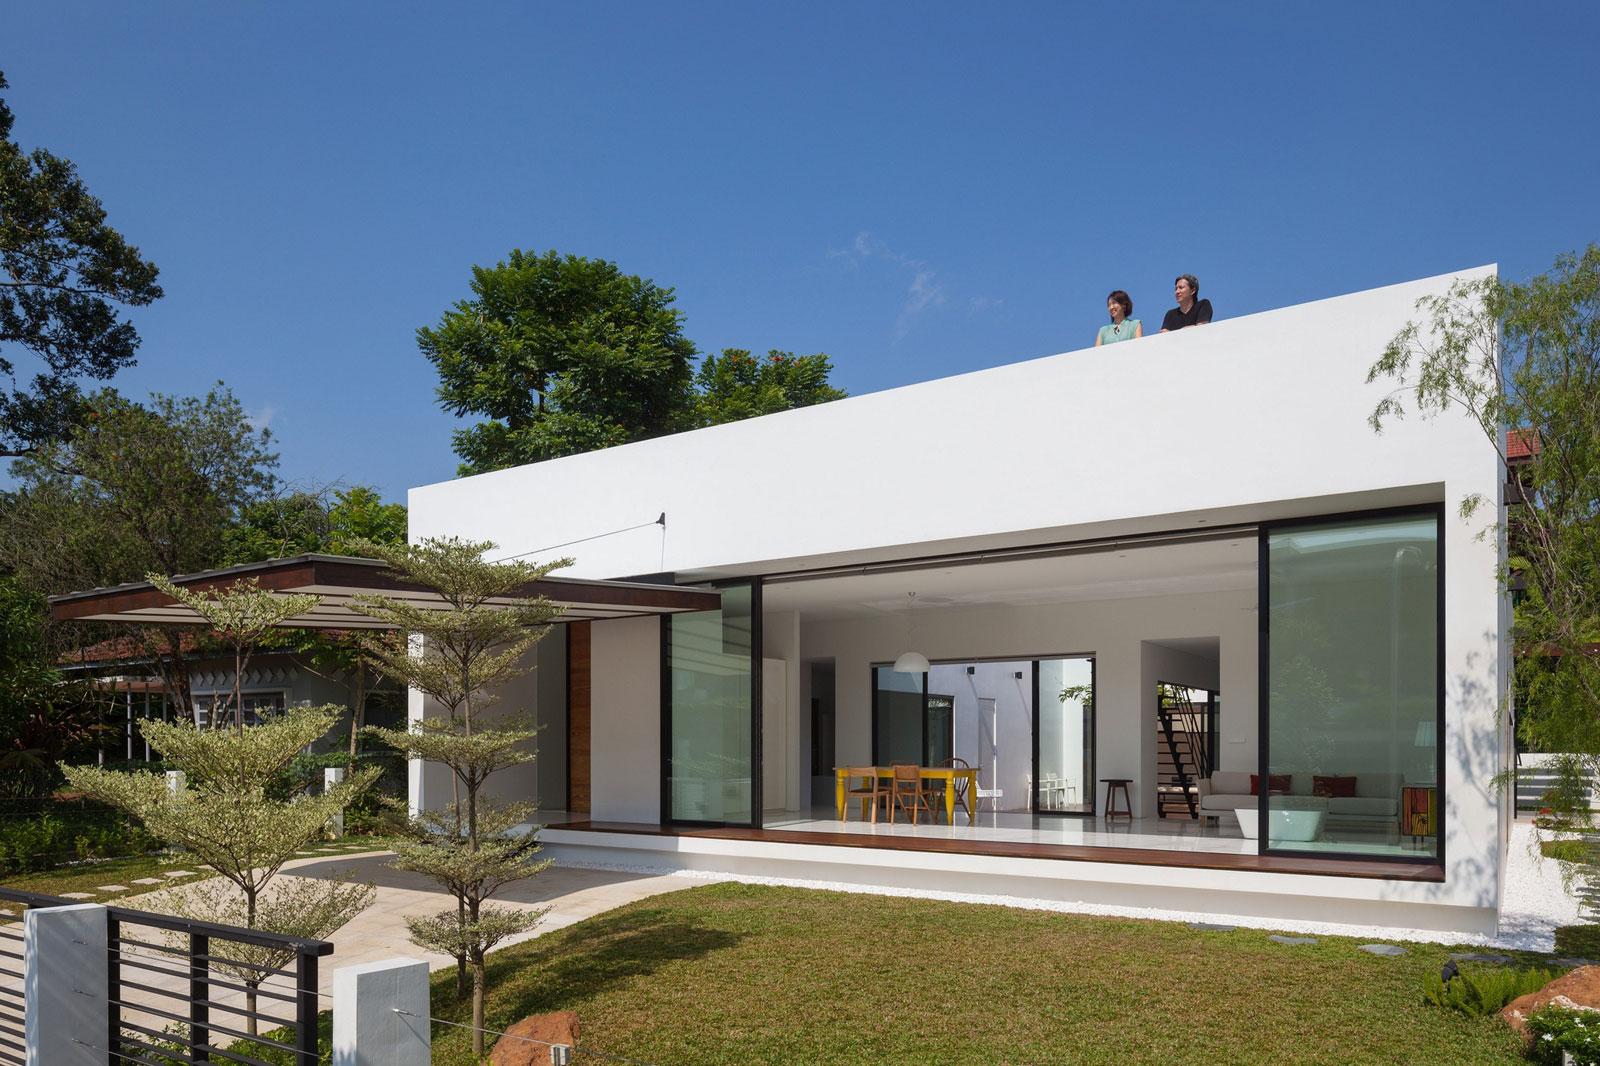 Modelos de casas dise os de casas y fachadas fotos for Piso de casa